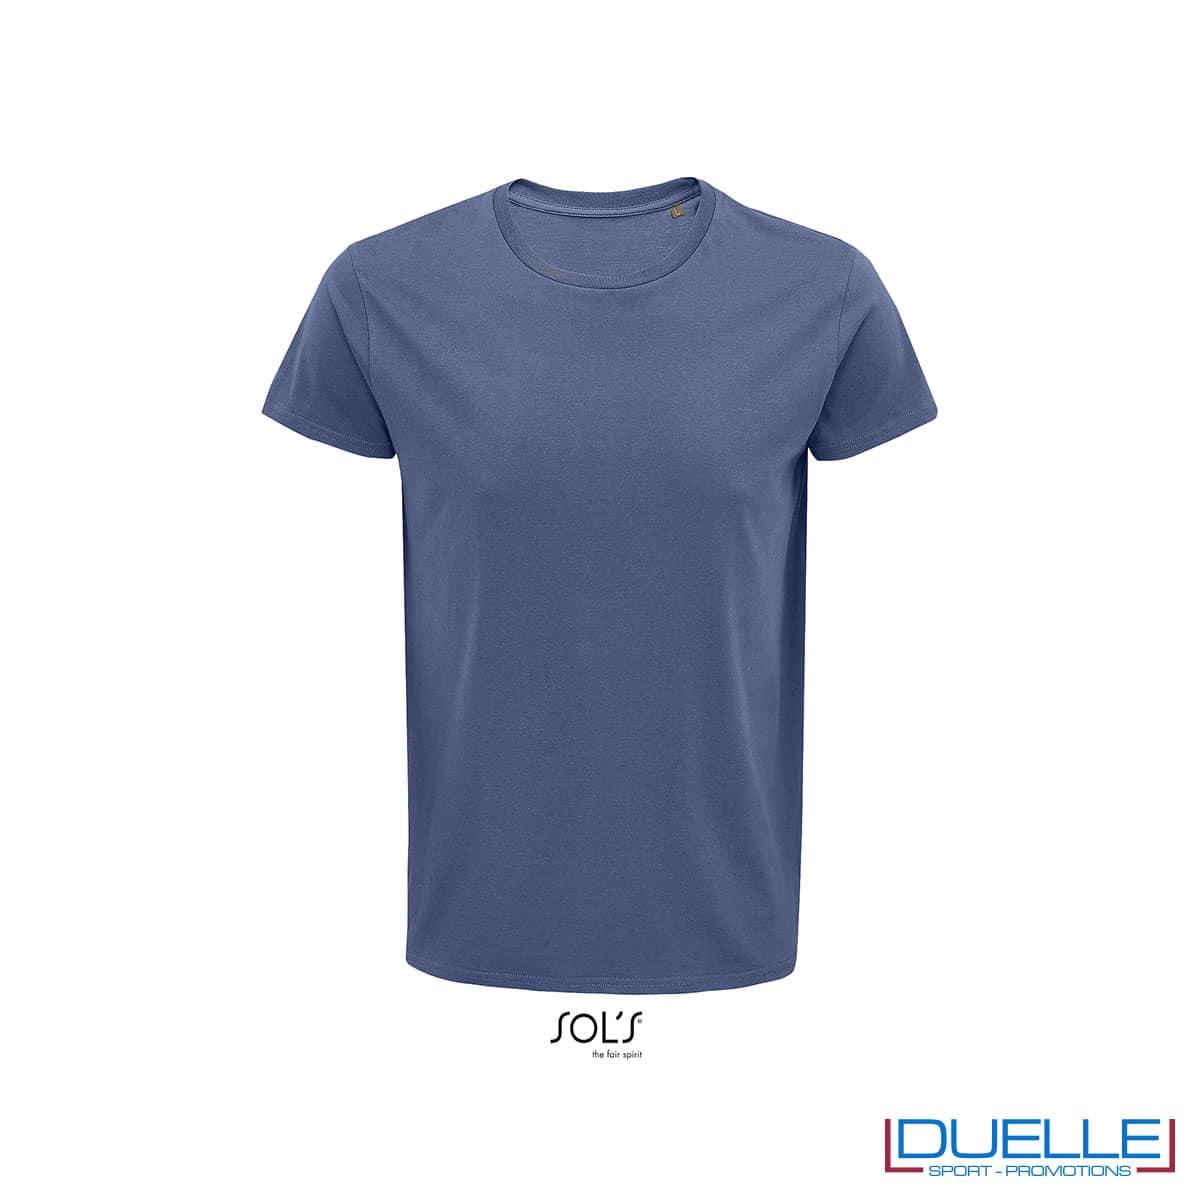 Maglietta ecosostenibile cotone biologico personalizzata colore denim